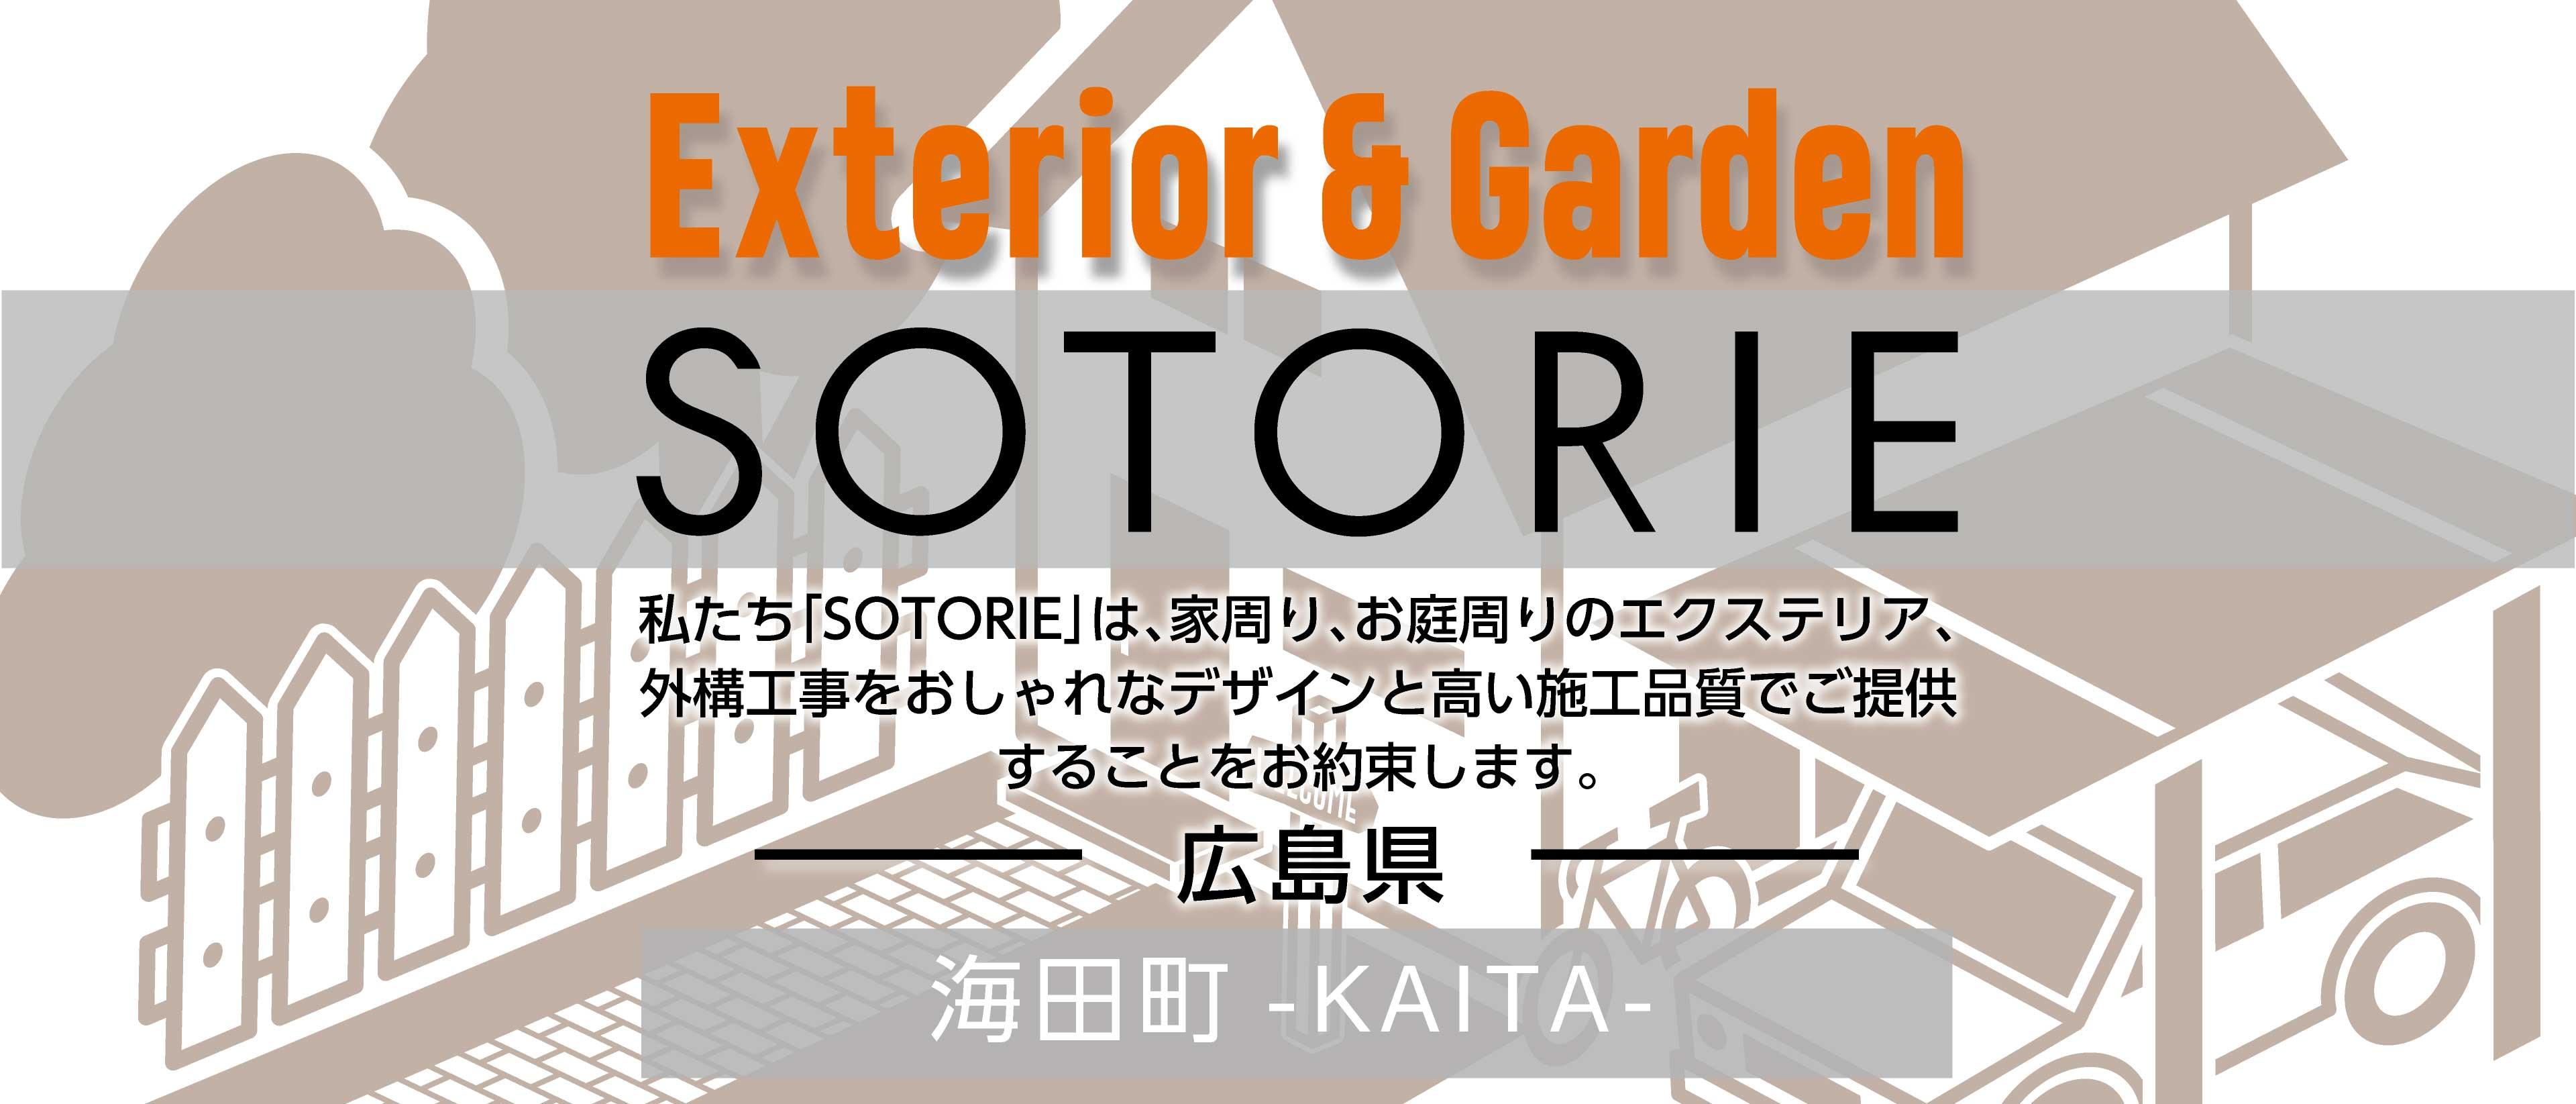 ソトリエ海田町では、家周りと庭周りの外構、エクステリア工事をおしゃれなデザインと高い施工品質でご提供することをお約束します。